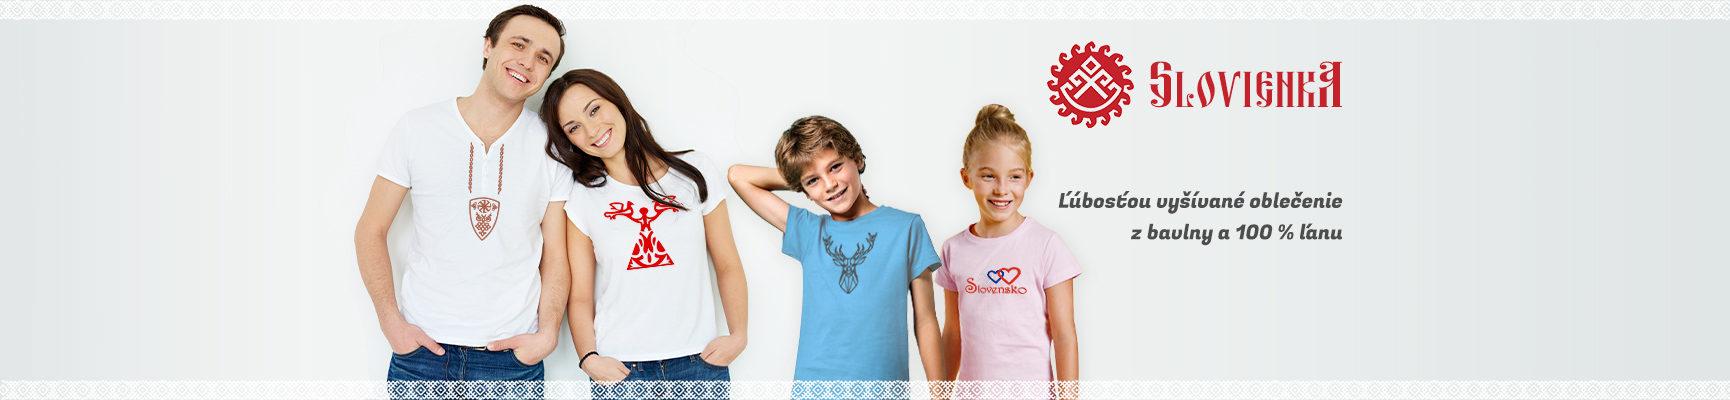 slovienka.sk. vyšívané tričká pre veľkých aj malých